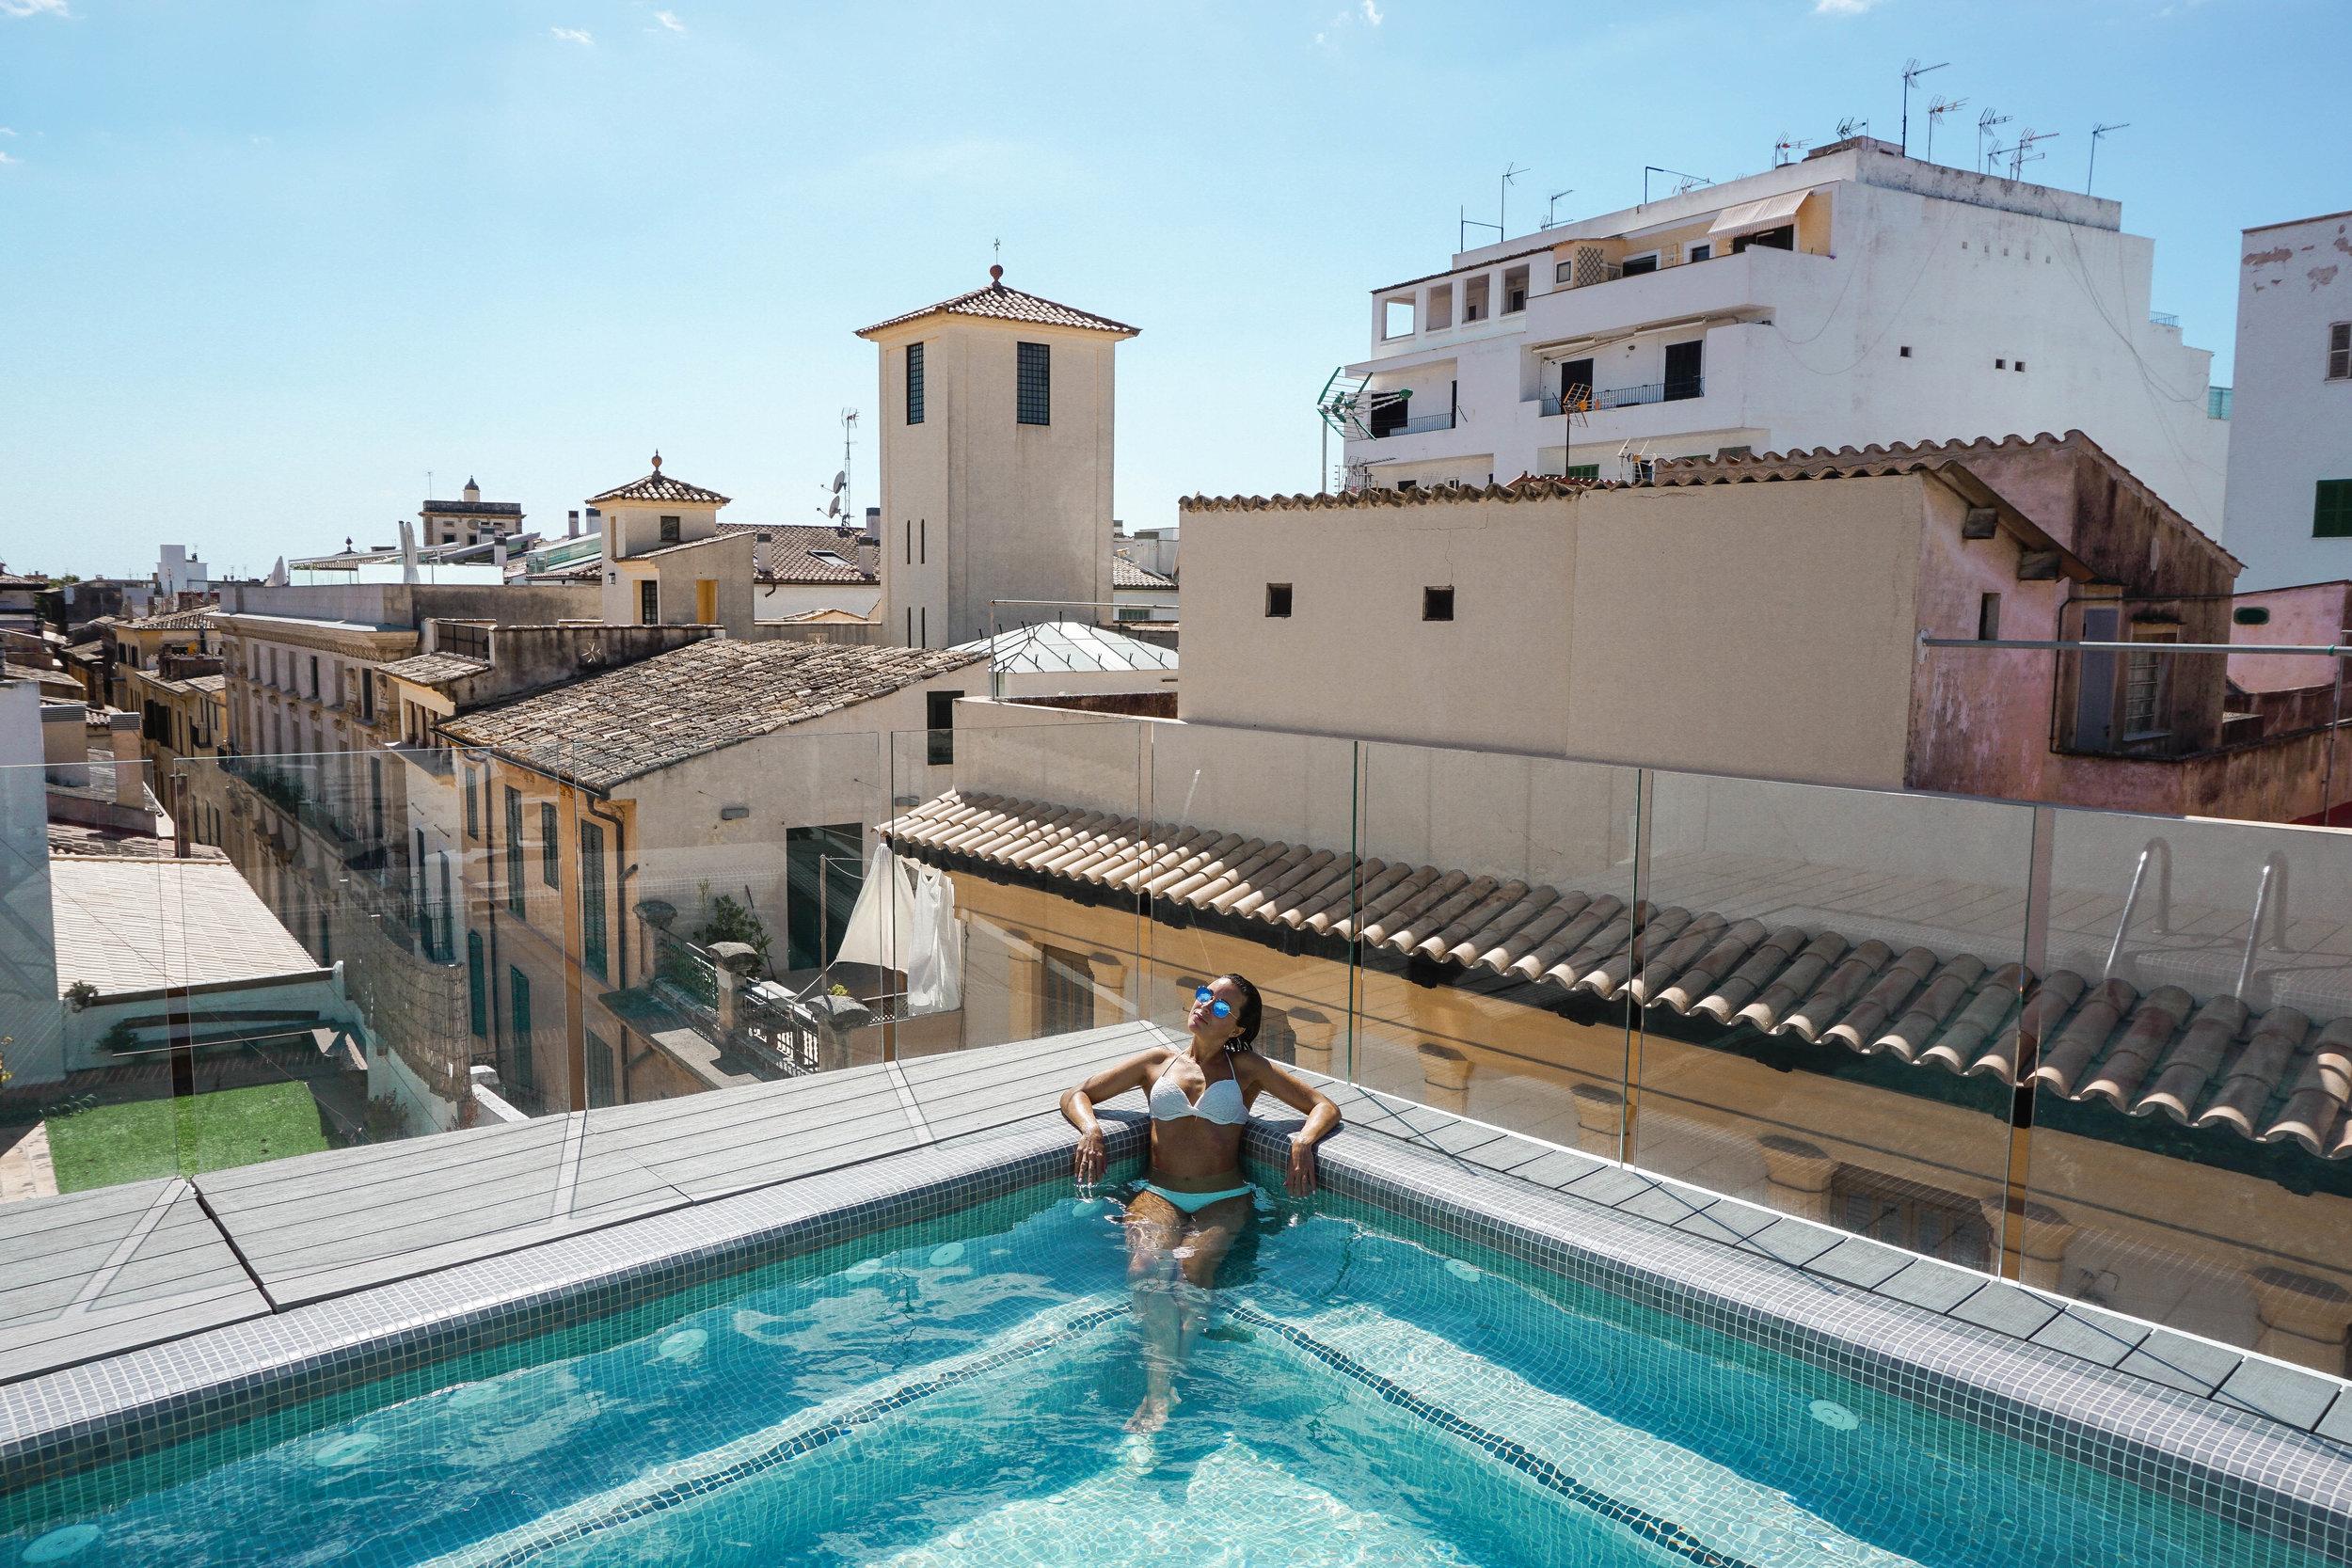 Palma-Sant-Jaume-Pool